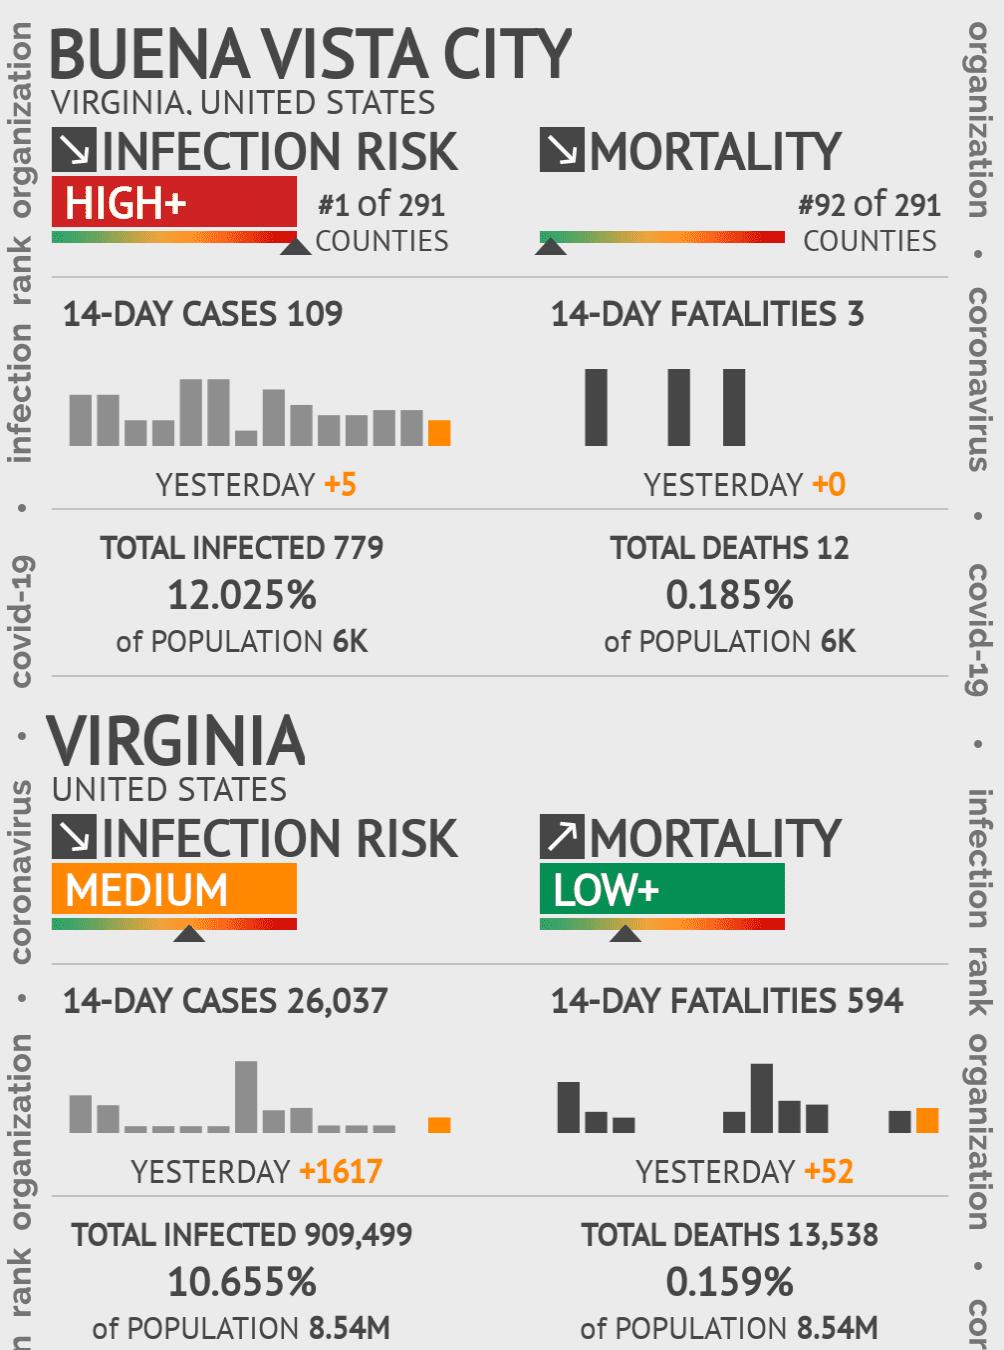 Buena Vista City Coronavirus Covid-19 Risk of Infection on February 04, 2021